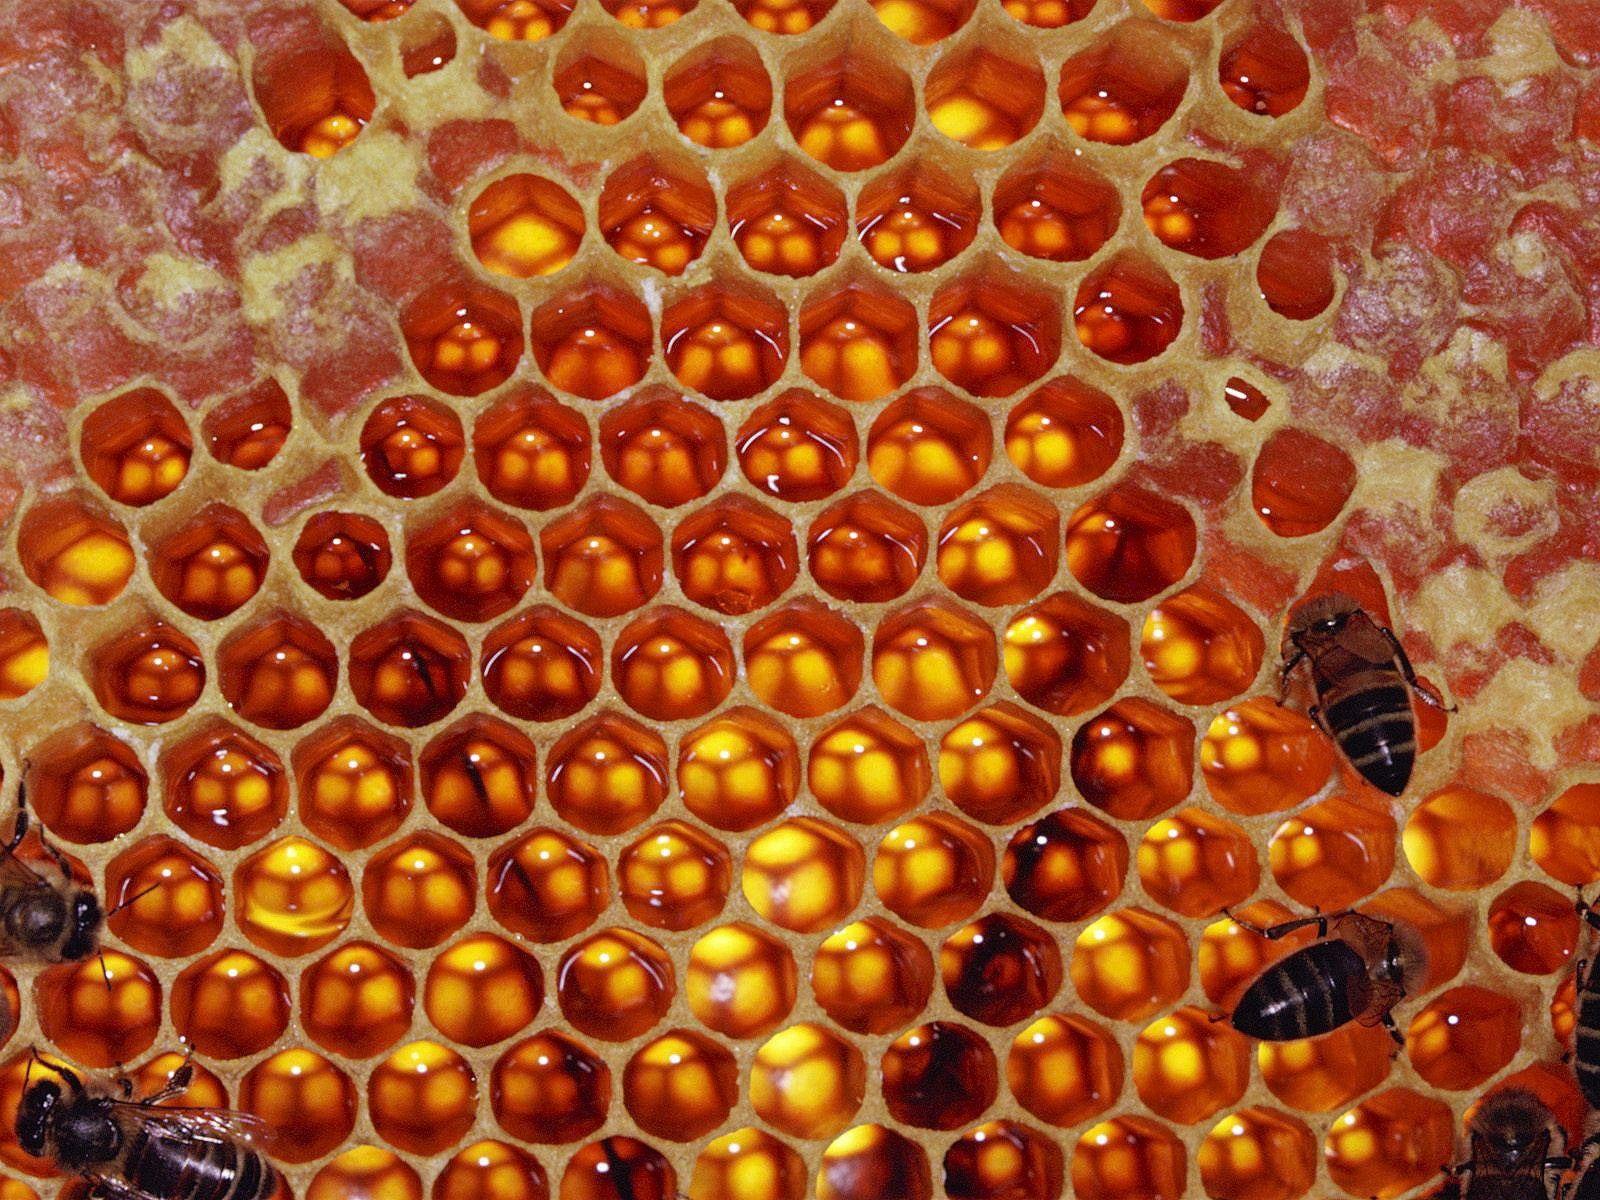 Download wallpaper bees, honey free desktop